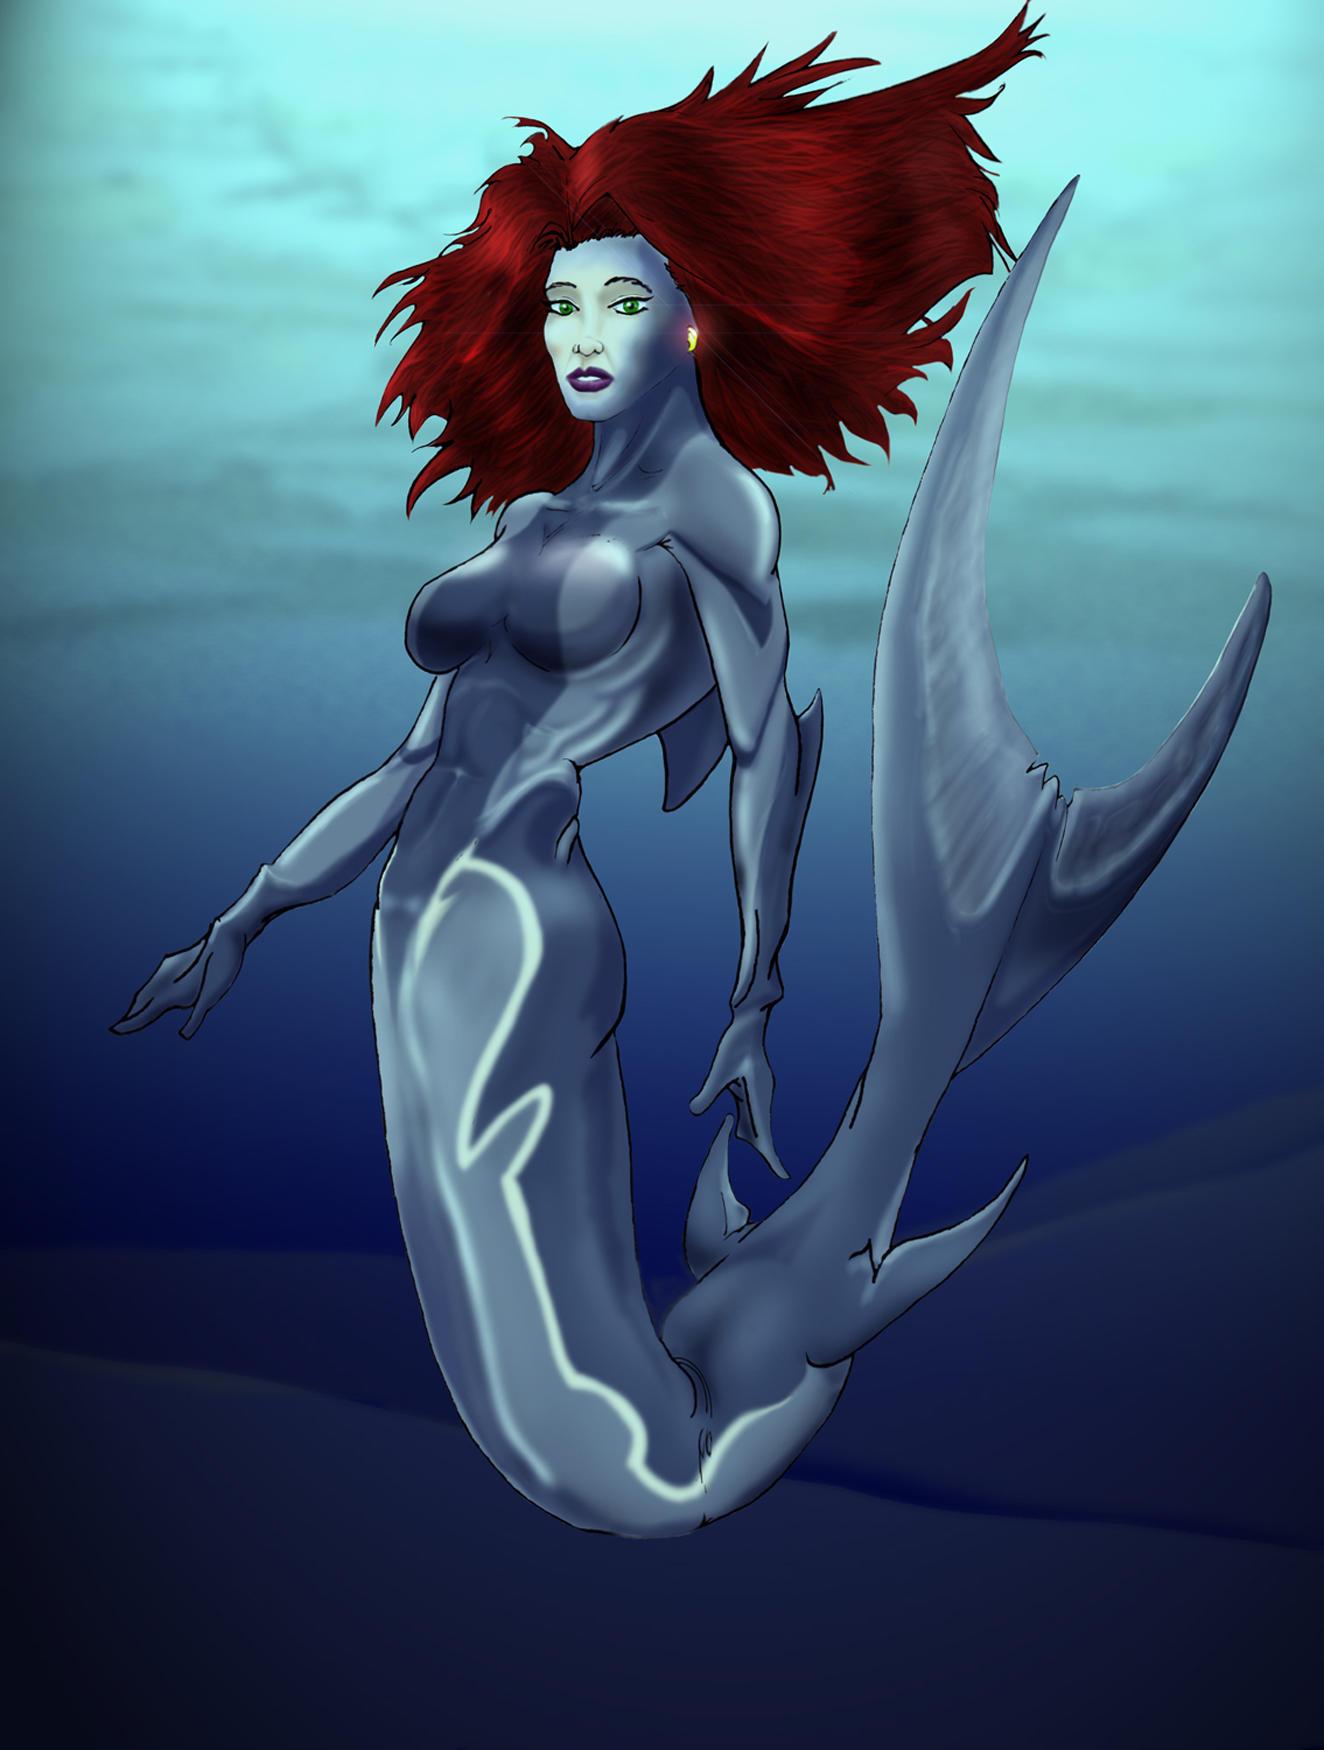 Sharkmermaid